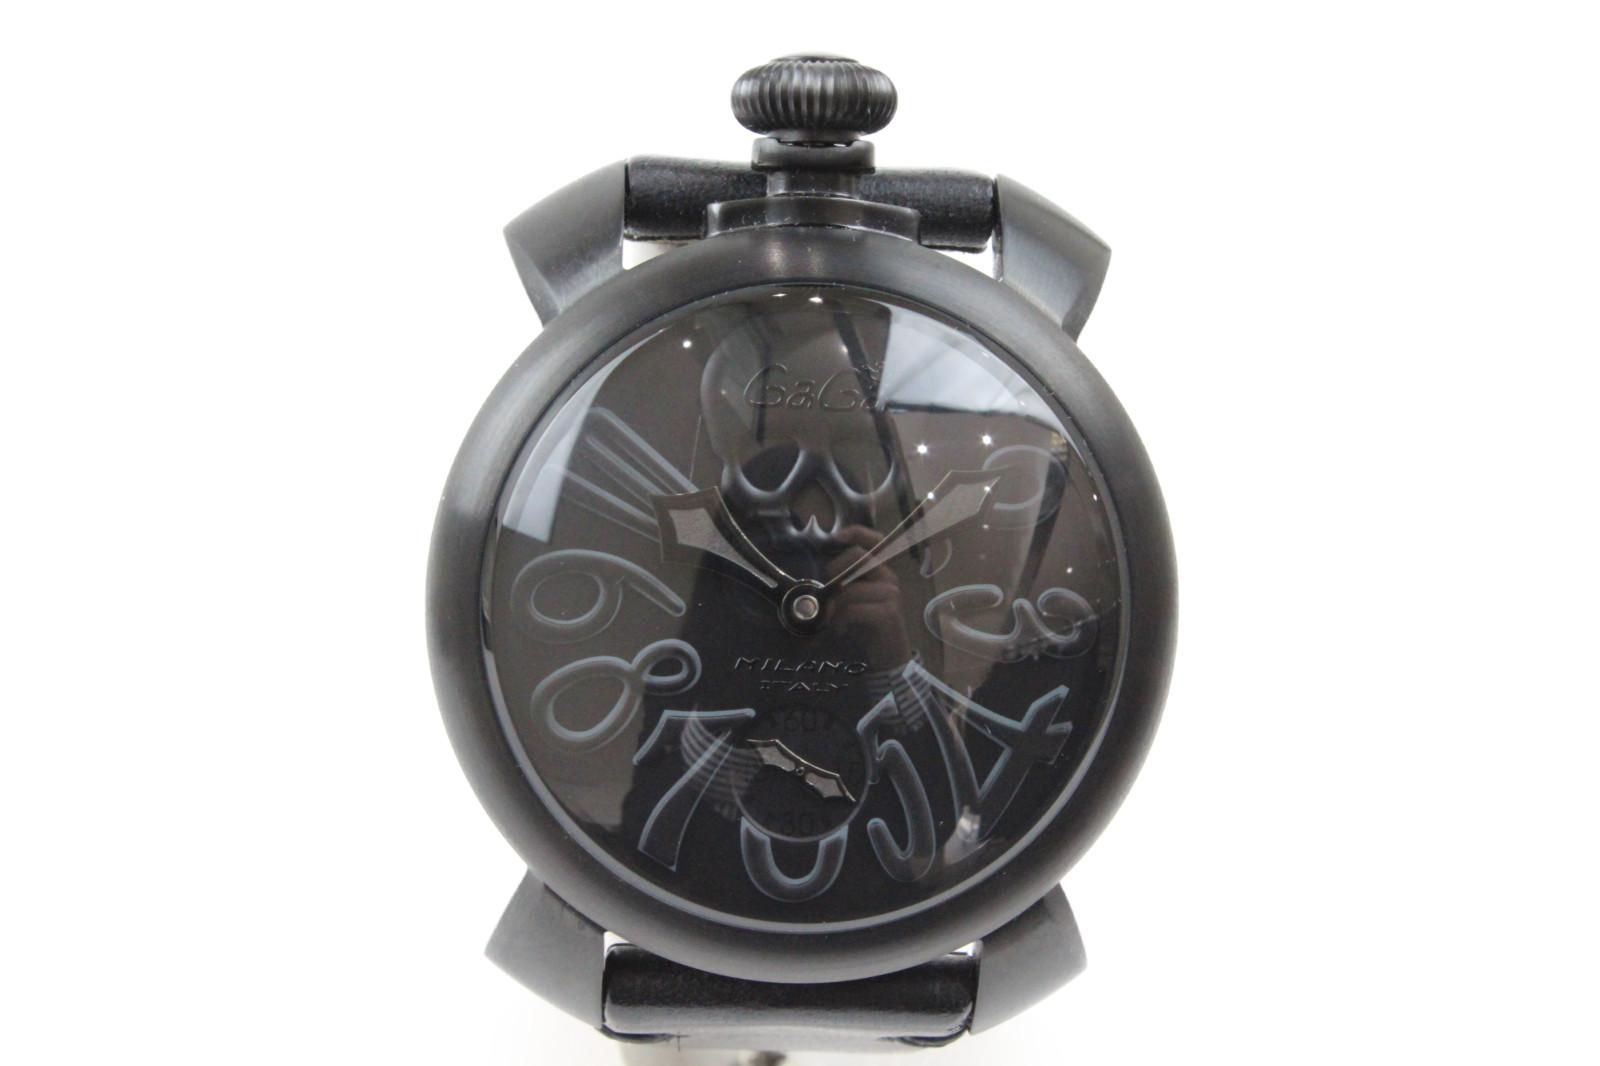 GaGamilano ガガミラノ マヌアーレ アートコレクション 48mm 5012ART.1S ステンレススチール 革ベルト ブラック ドクロ メンズ 腕時計【中古】